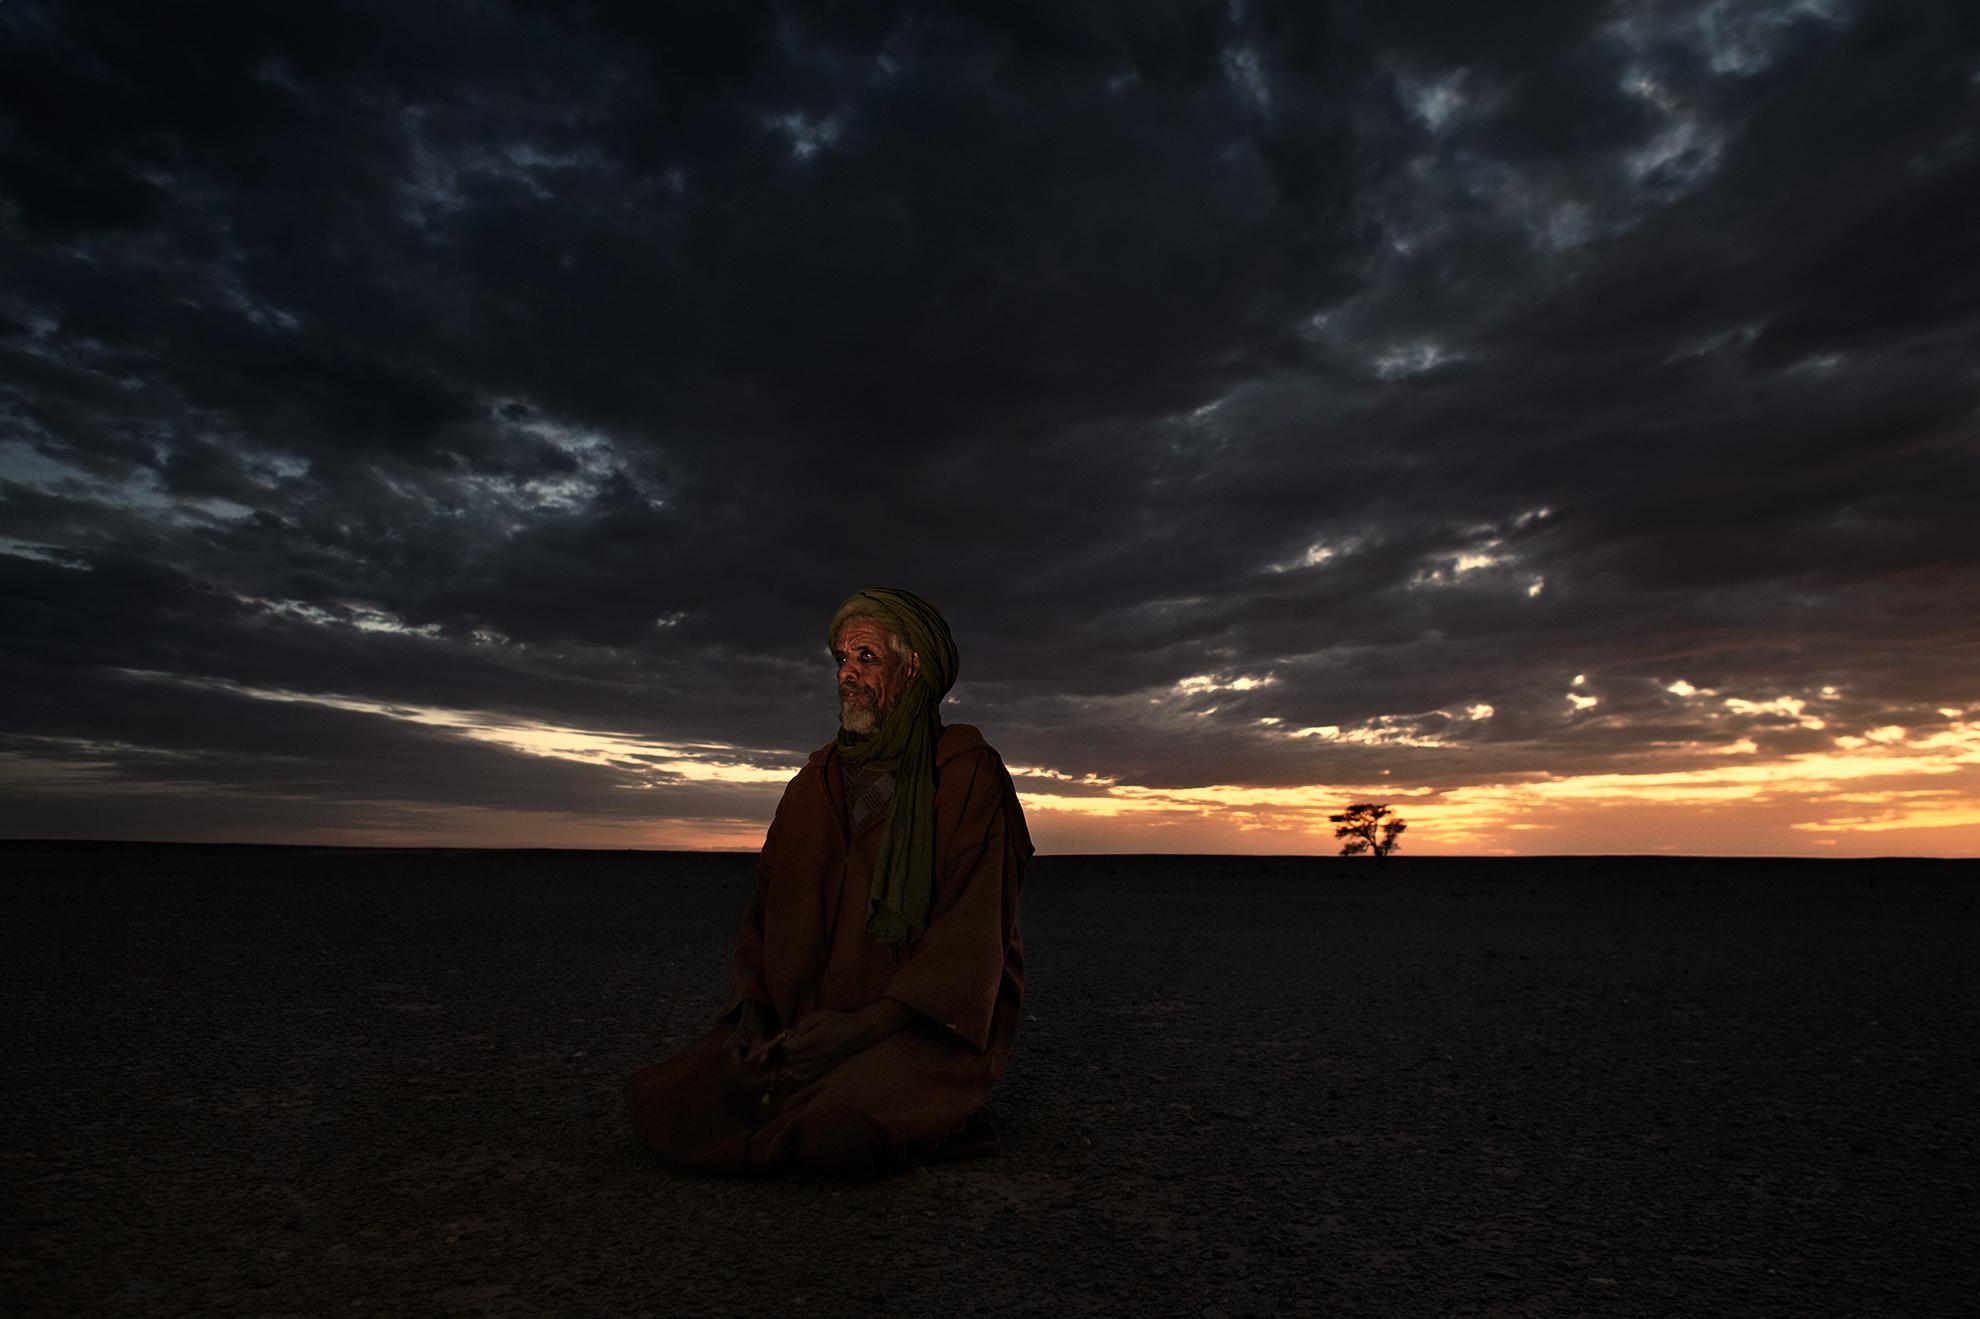 Brahim Mohamed Baih, 62 años, soldado del Polisario, fotografiado rezando en el desierto en el Sáhara Occidental controlado por el Polisario, cerca de la frontera con Argelia (República Árabe Saharaui Democrática).